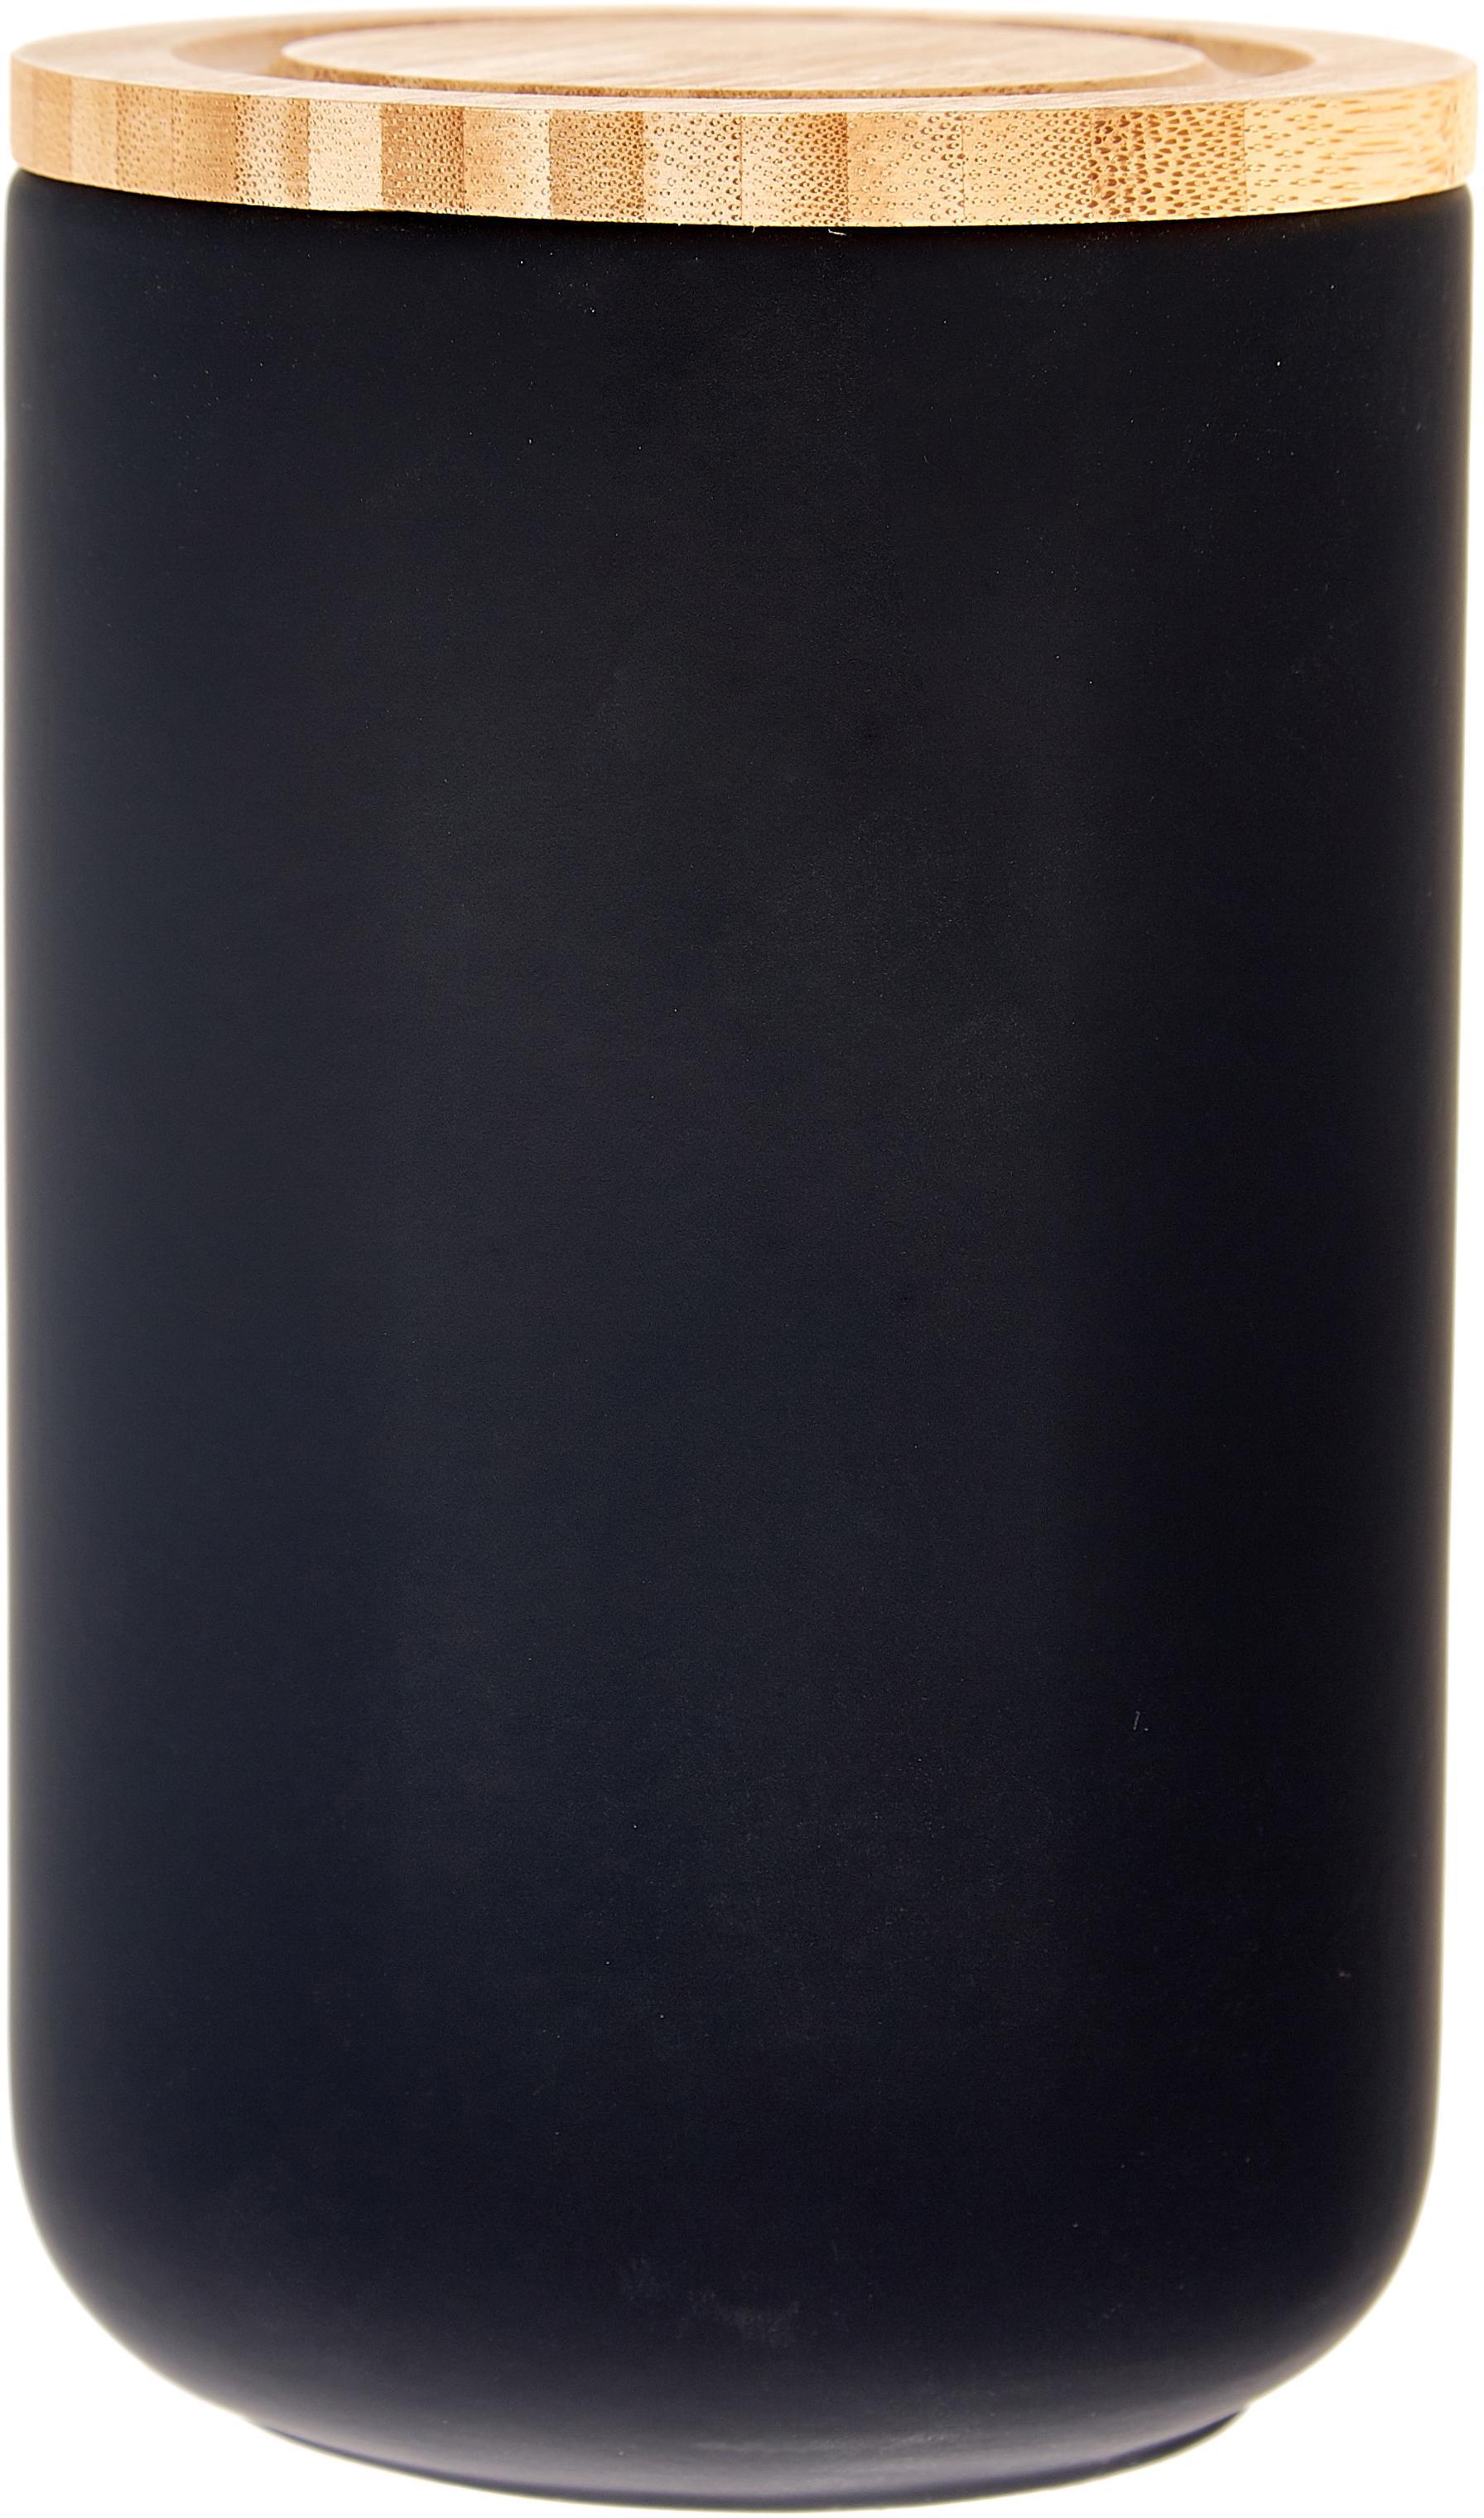 Opbergpot Stak, Pot: keramiek, Deksel: bamboehout, Zwart, bamboehoutkleurig, Ø 10 x H 17 cm